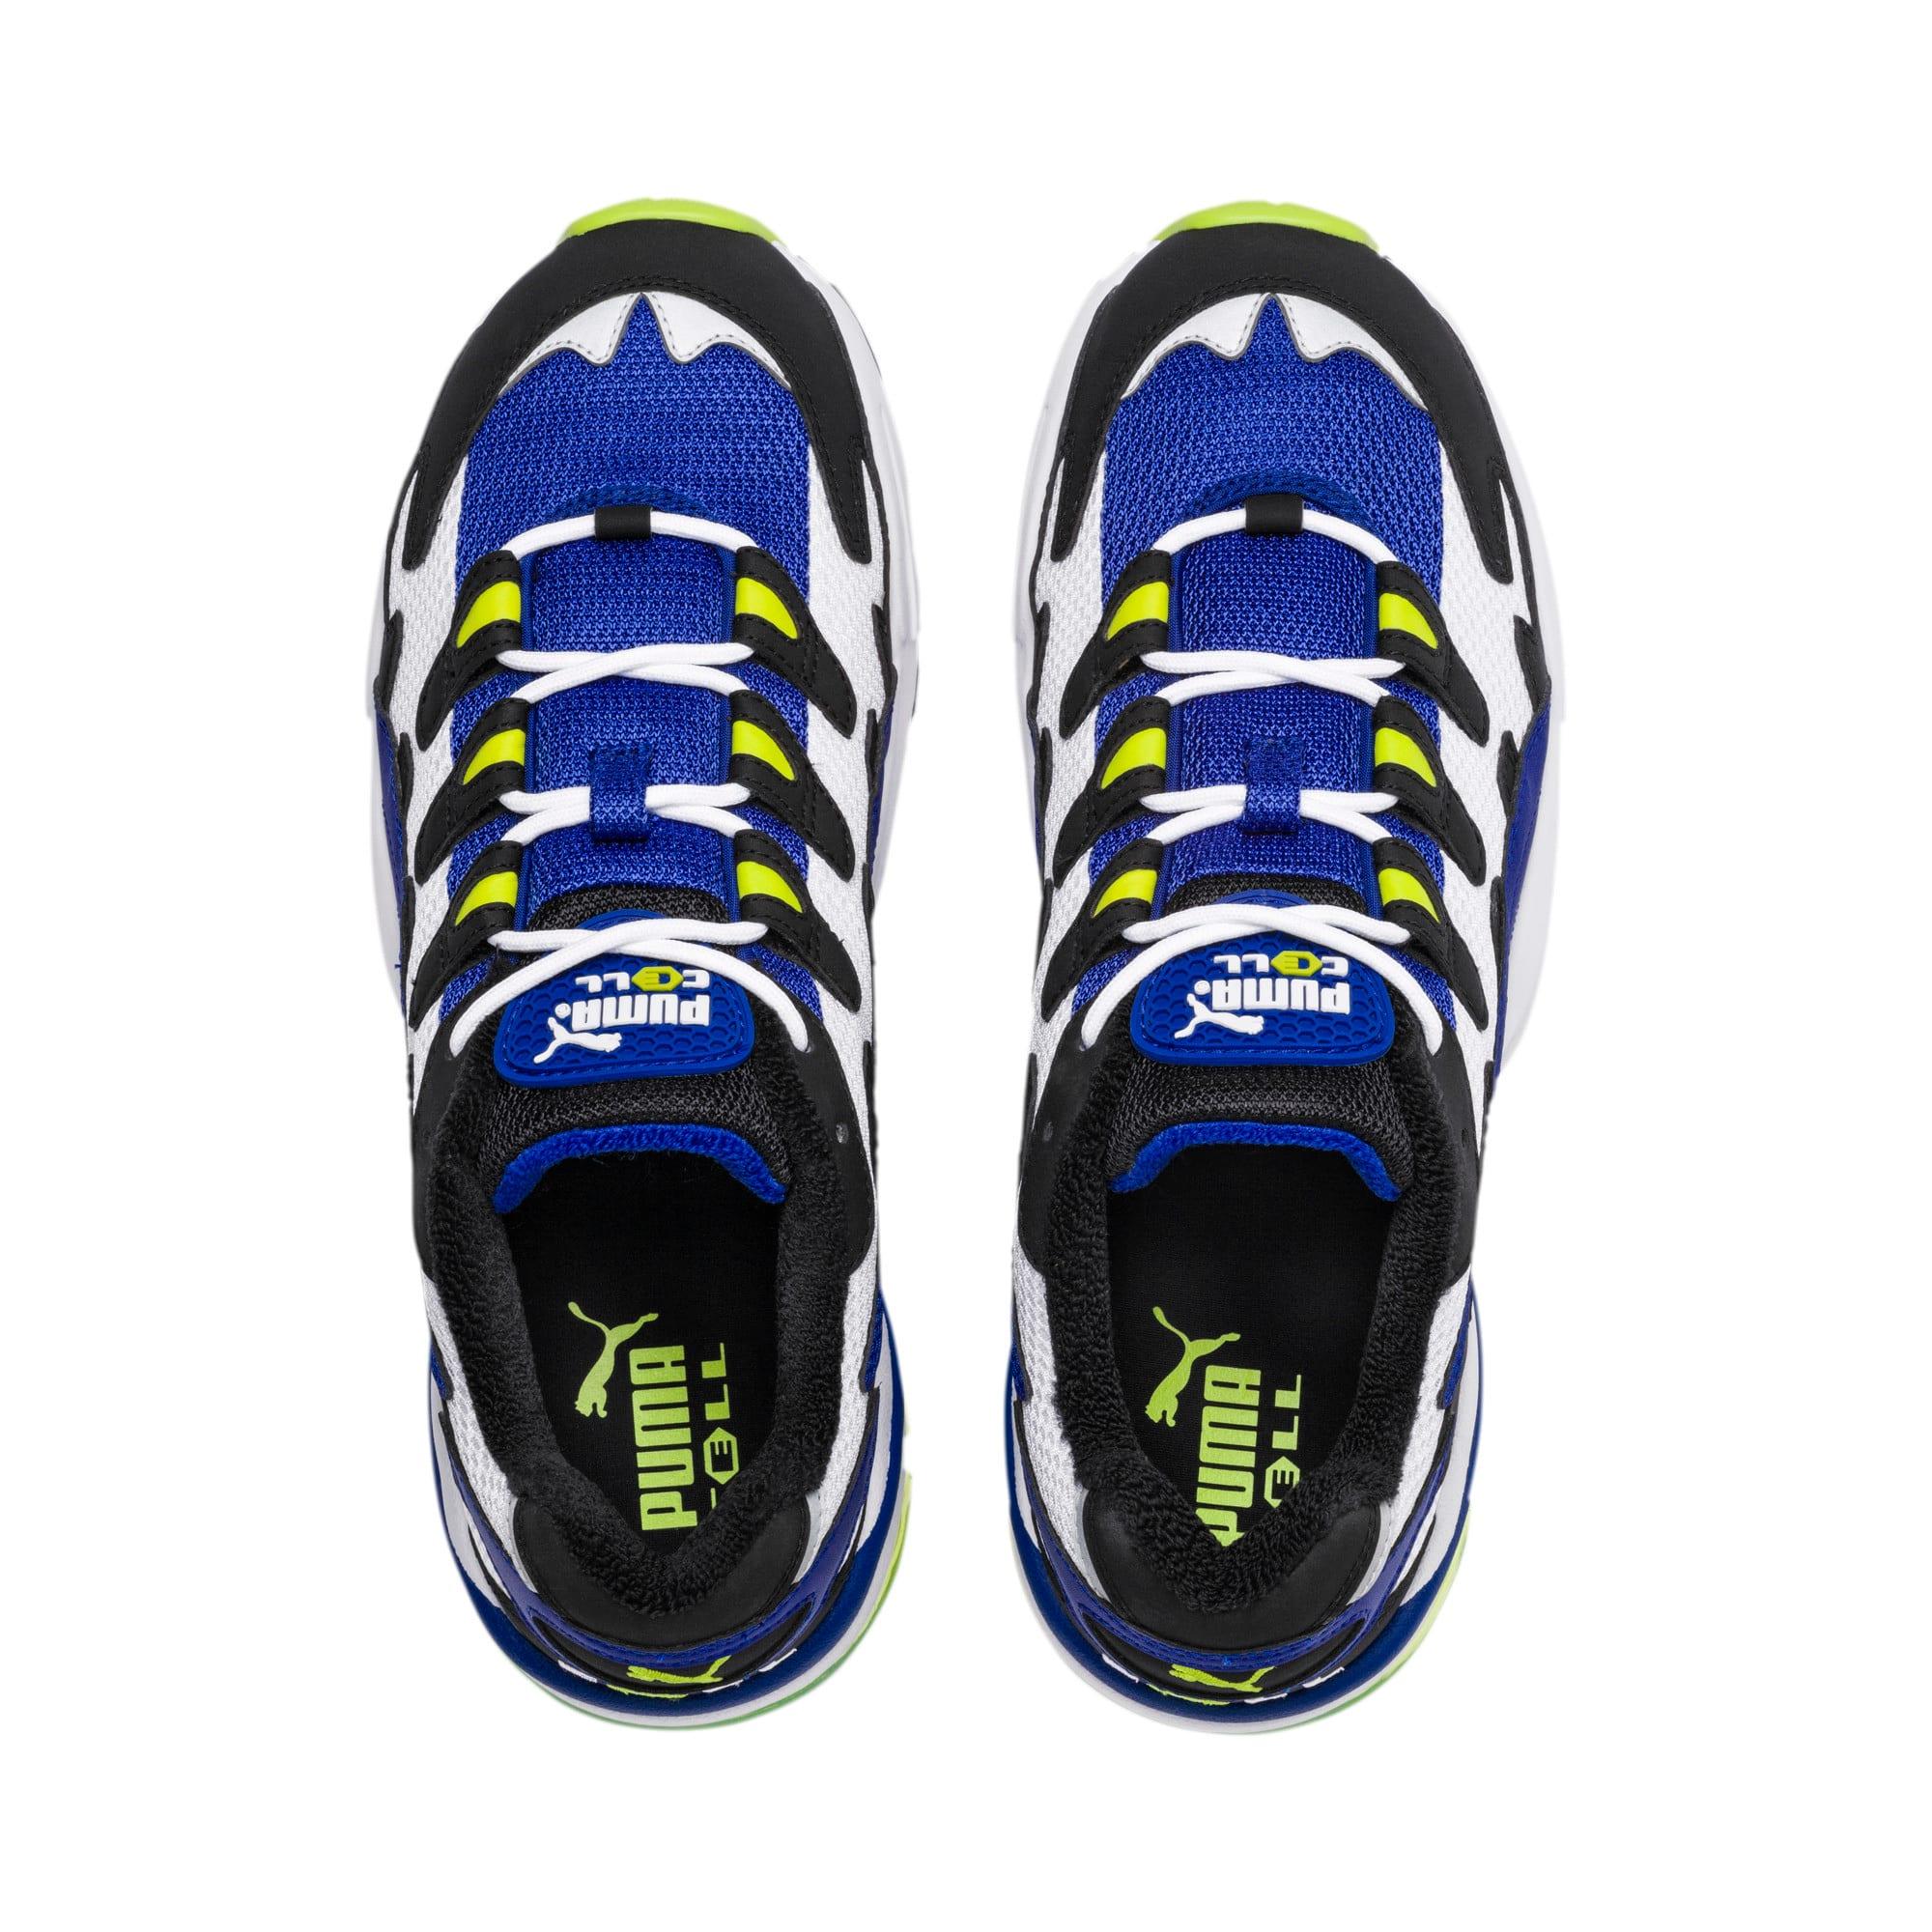 Thumbnail 7 of CELL Alien OG Sneakers, Puma Black-Surf The Web, medium